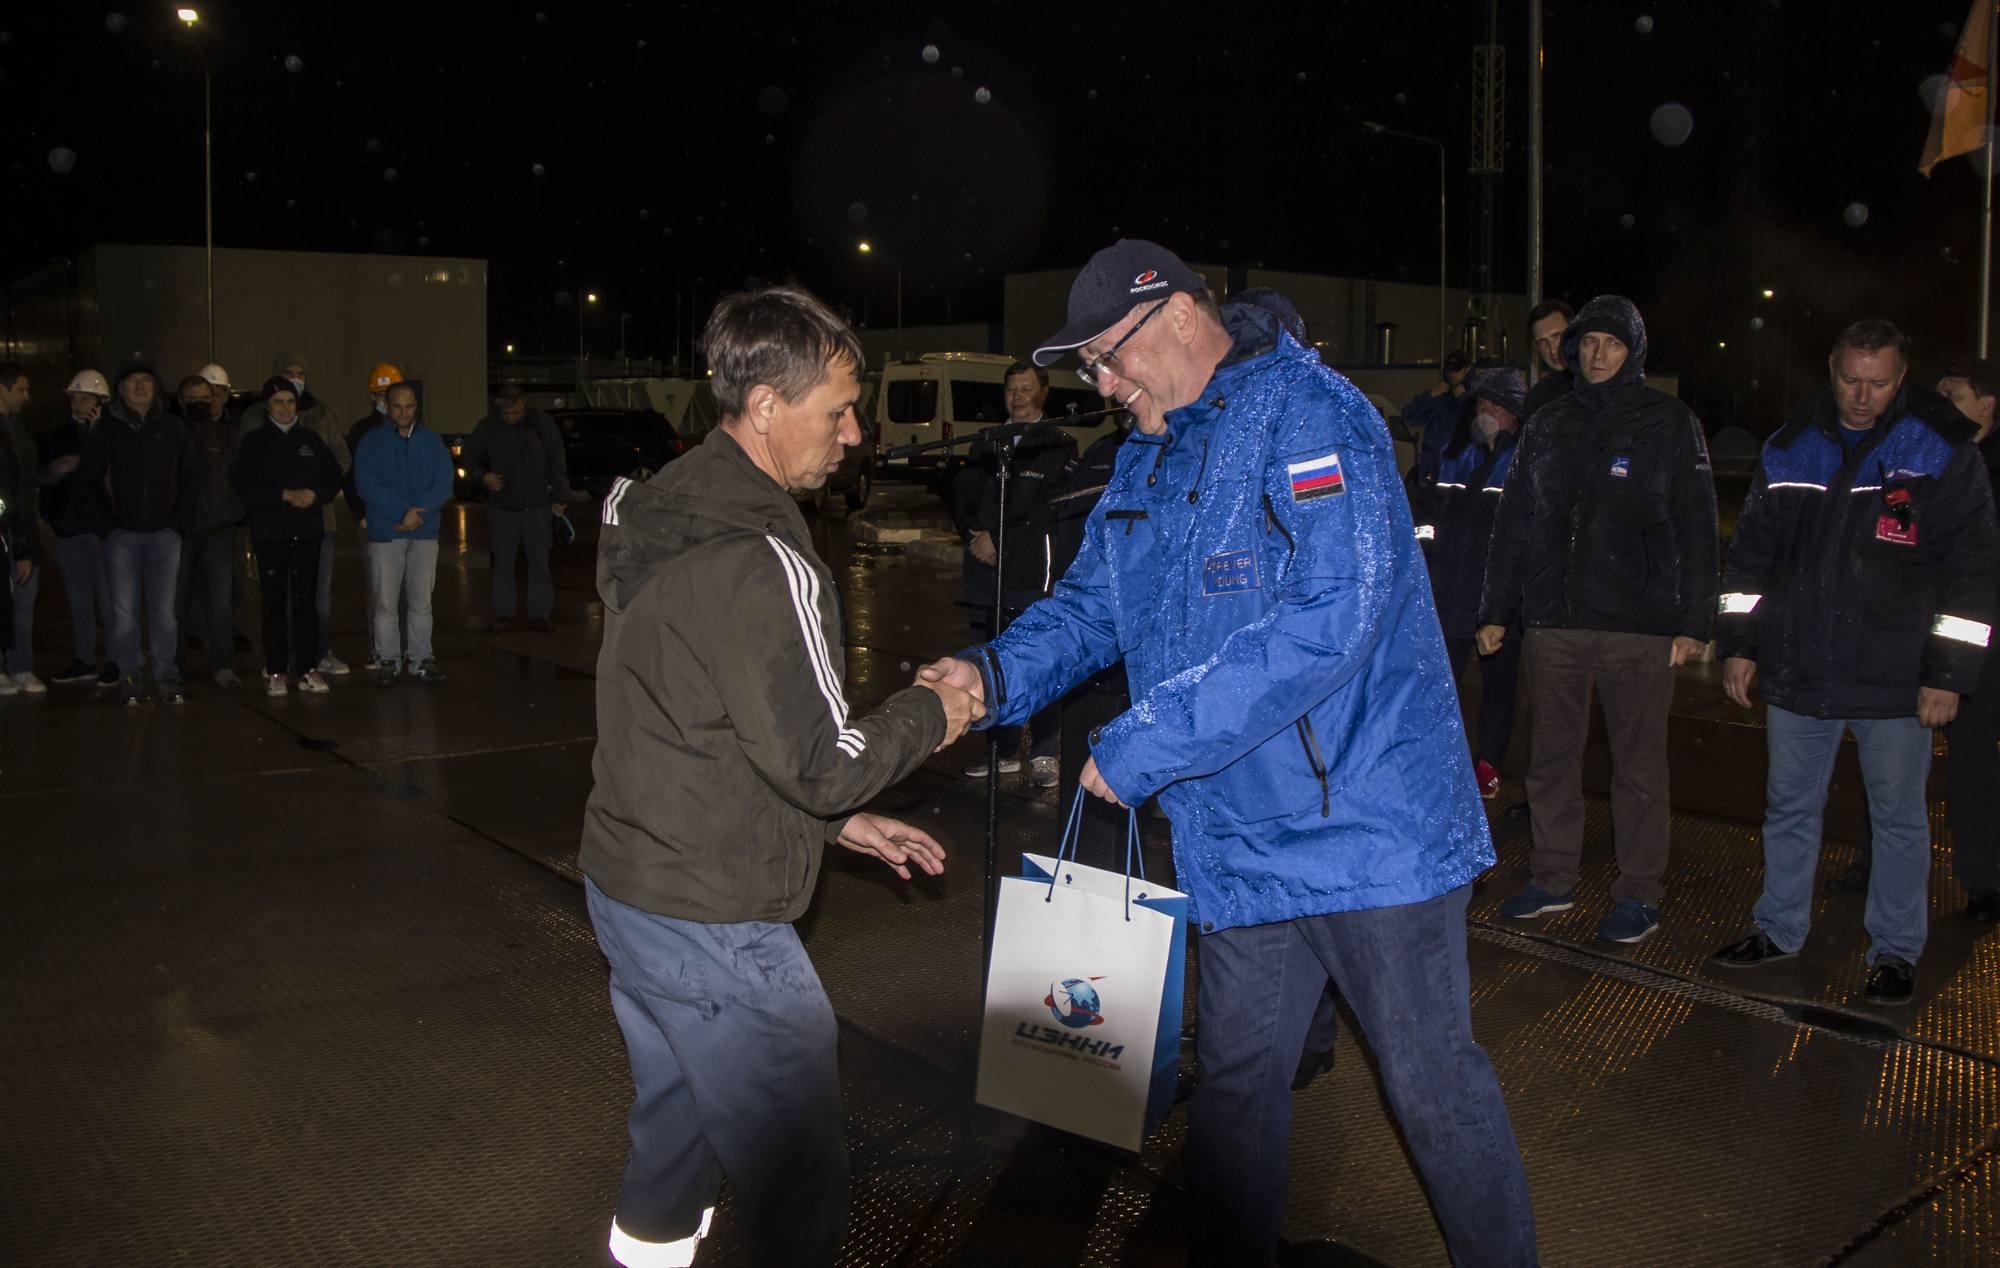 La traditionnelle remise de récompenses a bien eu lieu malgré le mauvais temps.